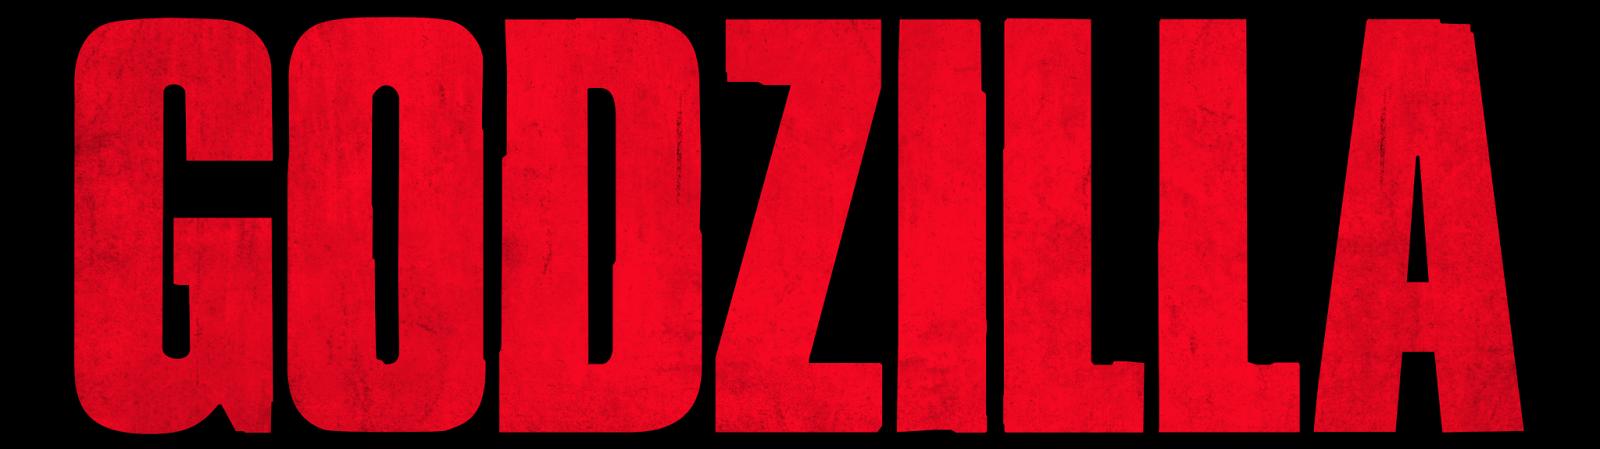 File:Godzilla (2014) - Logo - 2.png - Wikimedia Commons